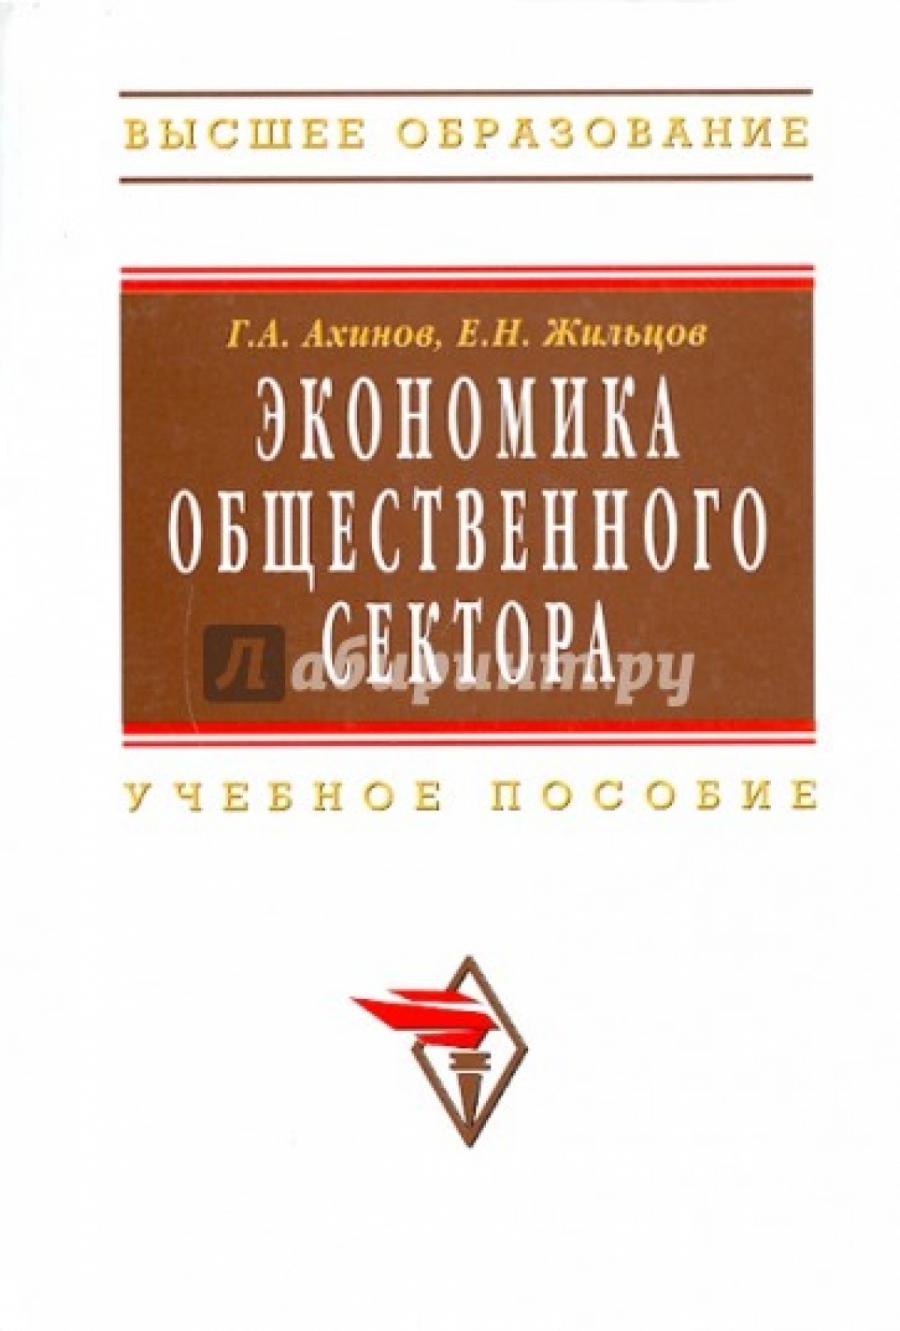 Обложка книги:  ахинов г.а., жильцов е.н. - экономика общественного сектора